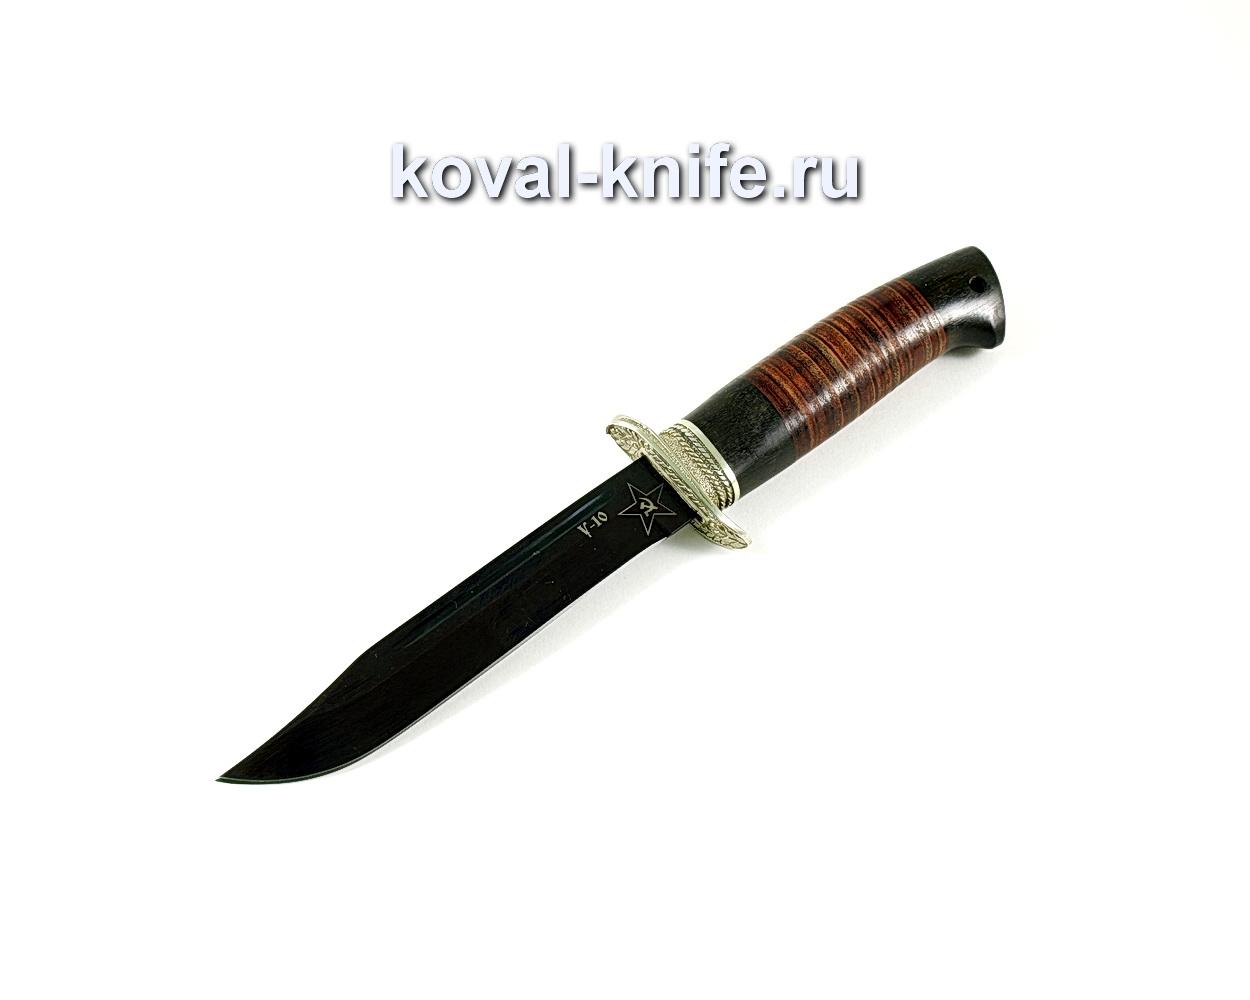 Нож Штрафбат (сталь У10), рукоять граб, кожа, литье A176